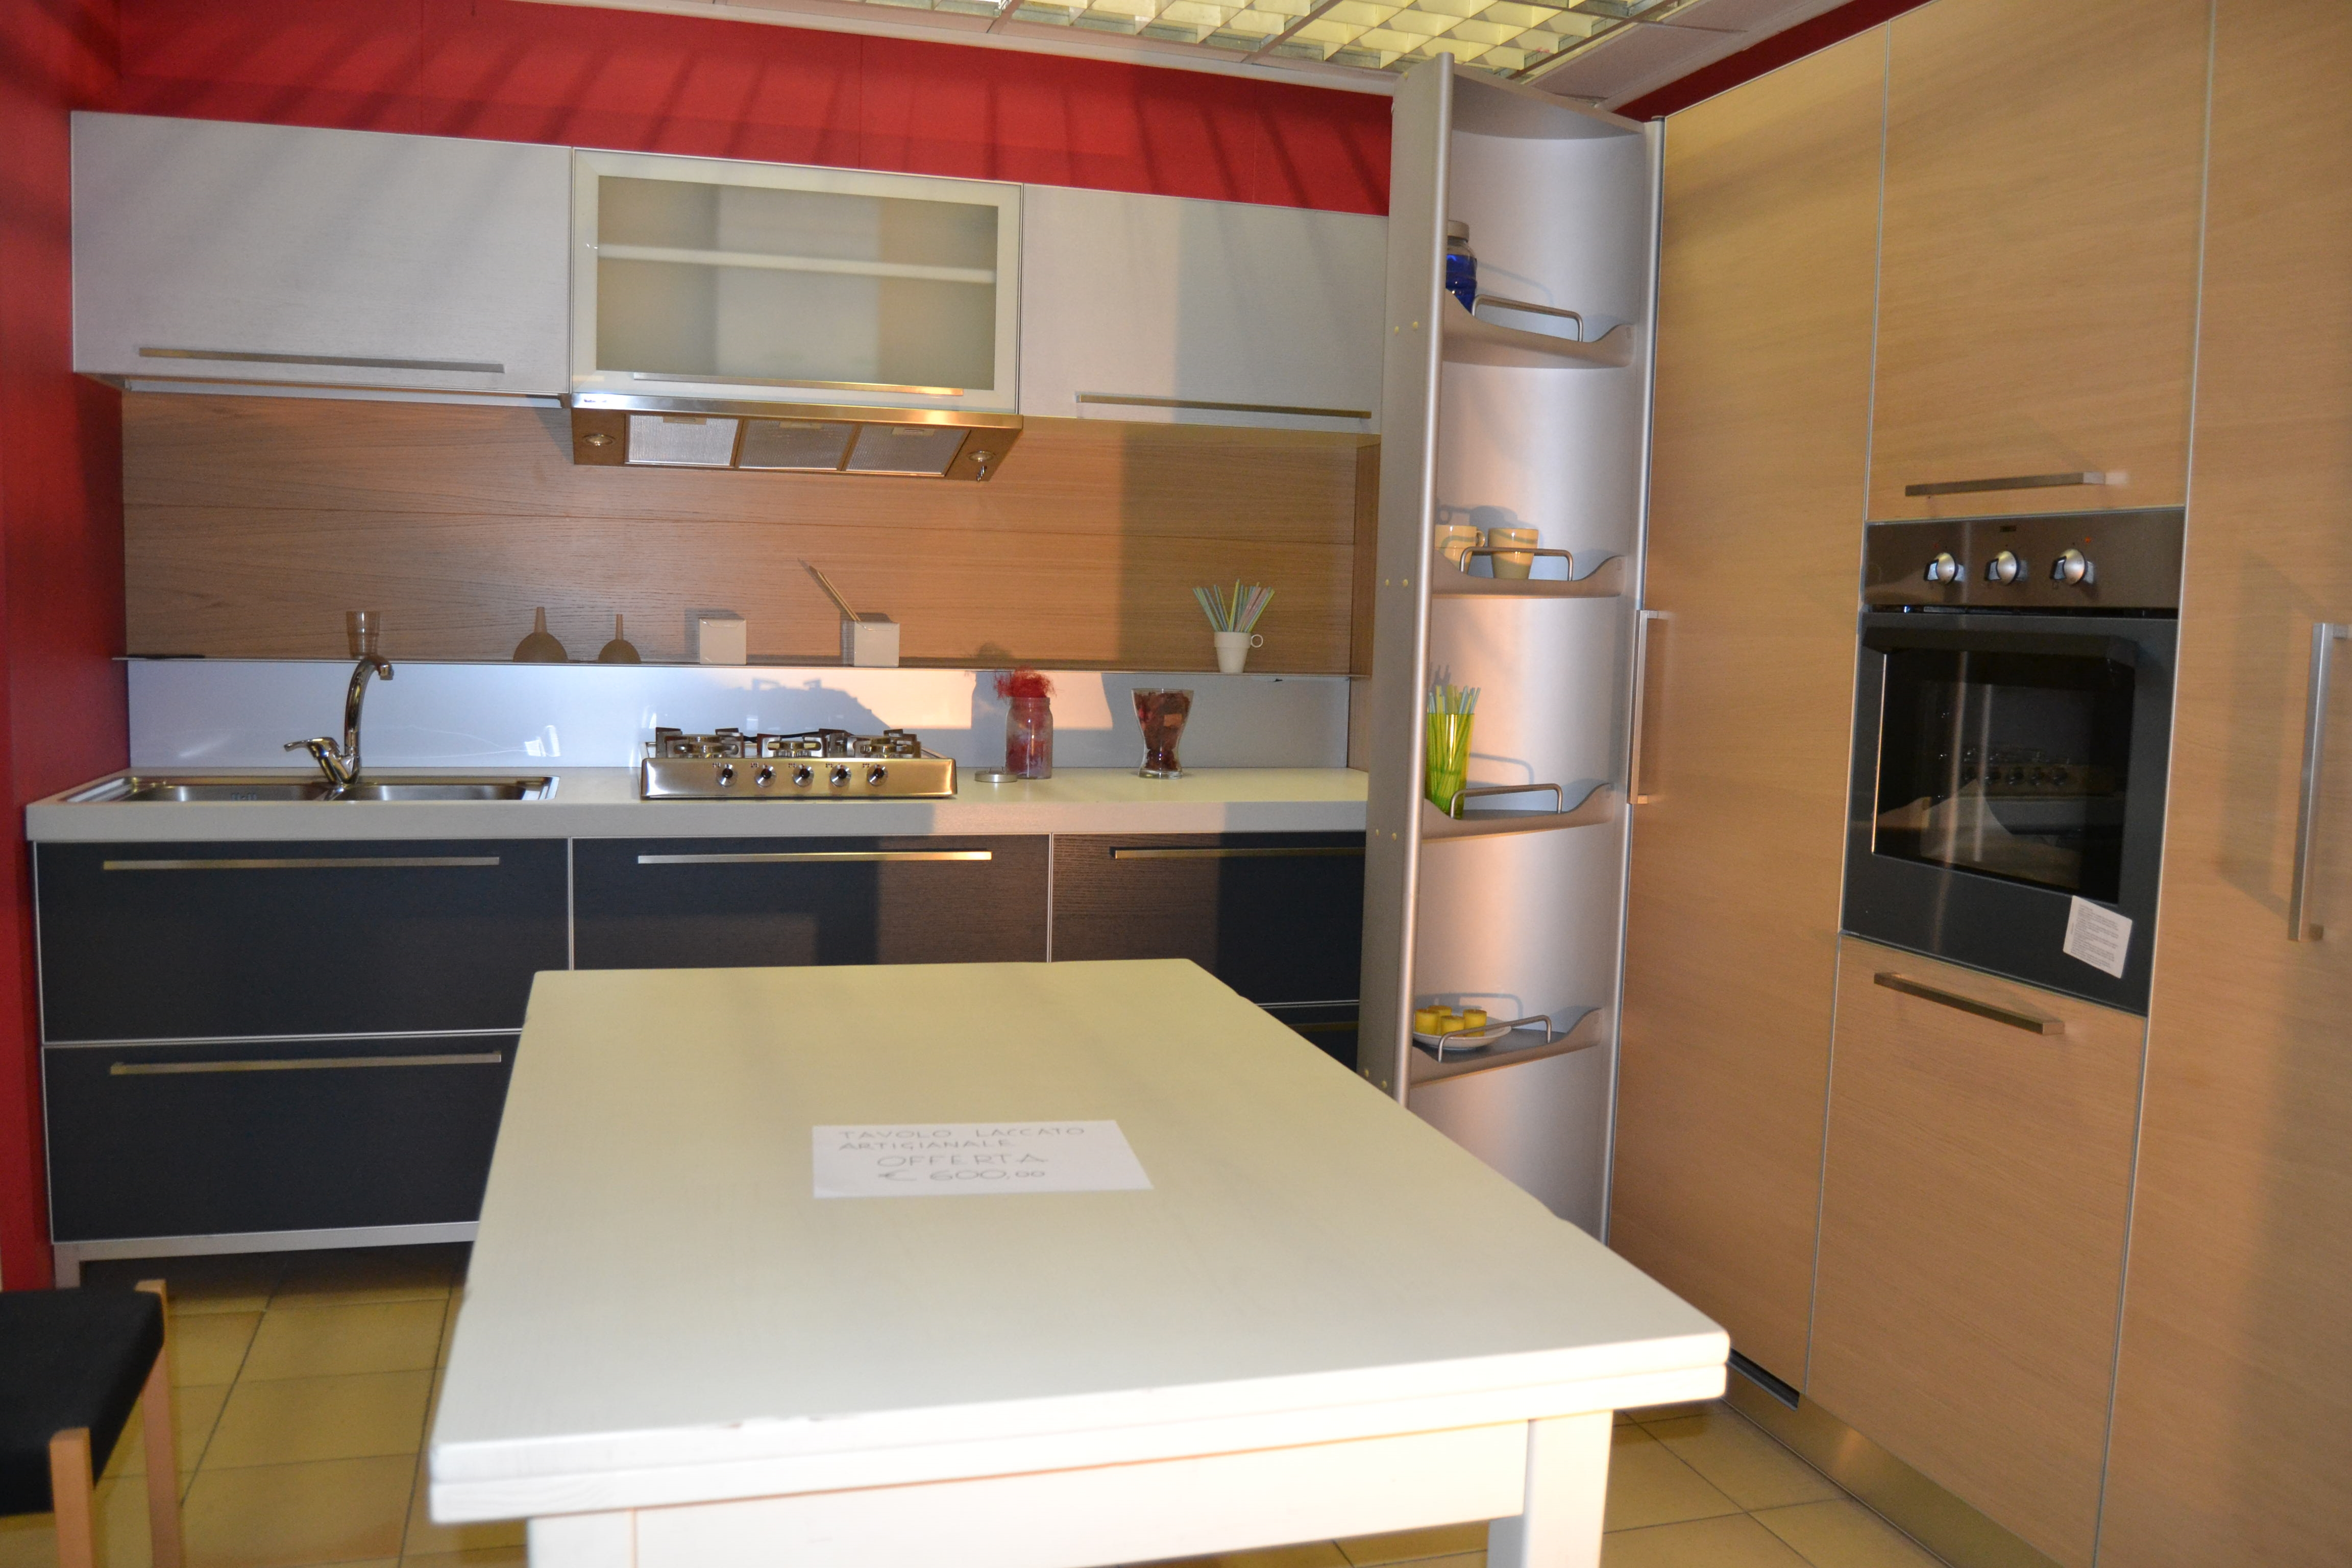 Mobile cucina ikea su misura - Cucina su misura mondo convenienza ...